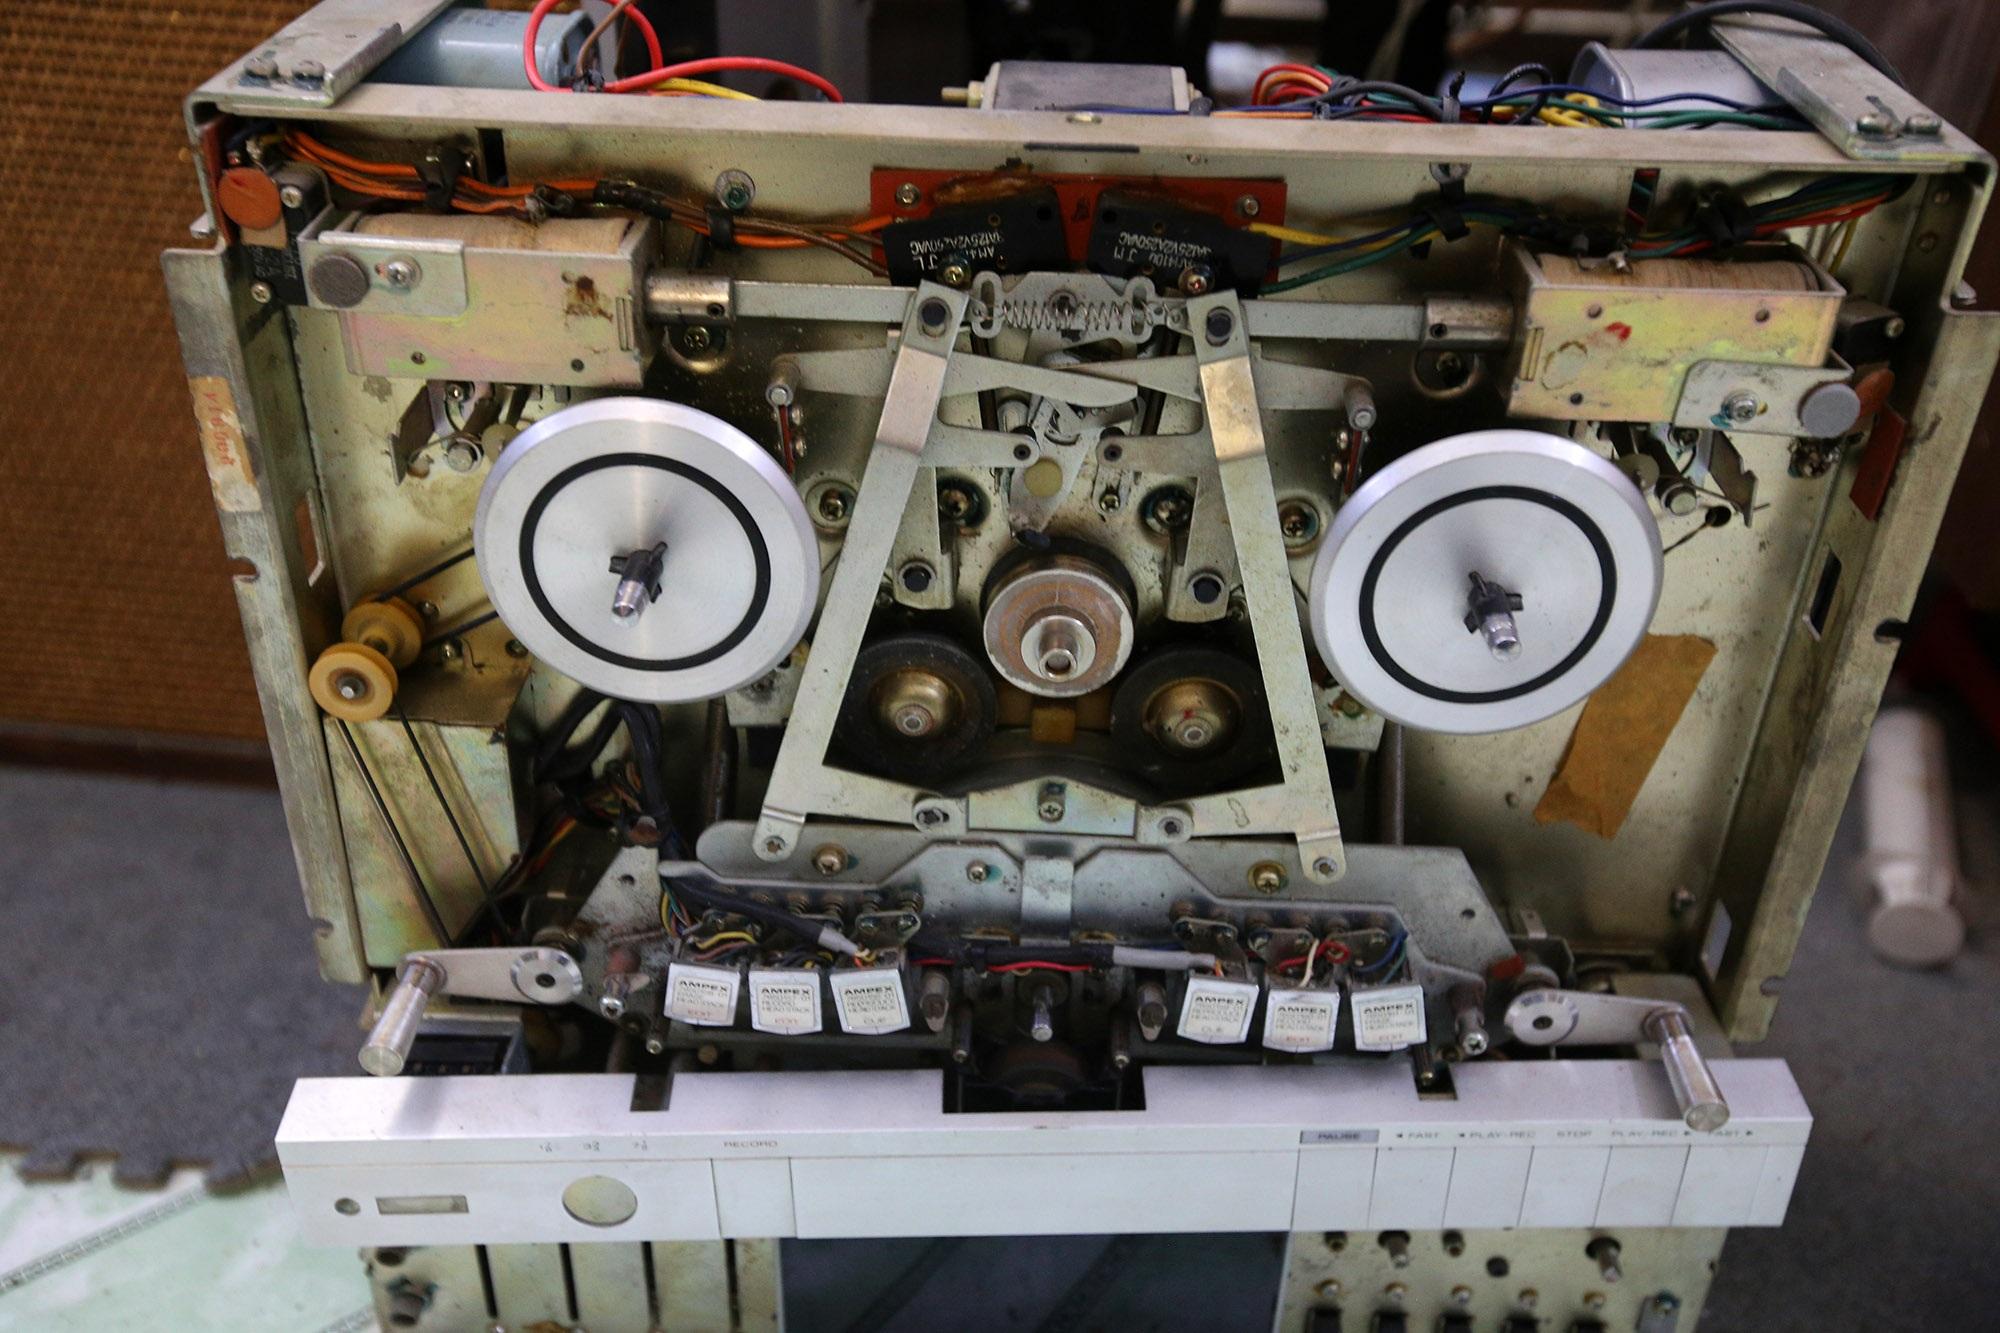 Yêu âm nhạc, sưu tầm thiết bị âm thanh cổ lấp đầy 3 tầng nhà  - 9